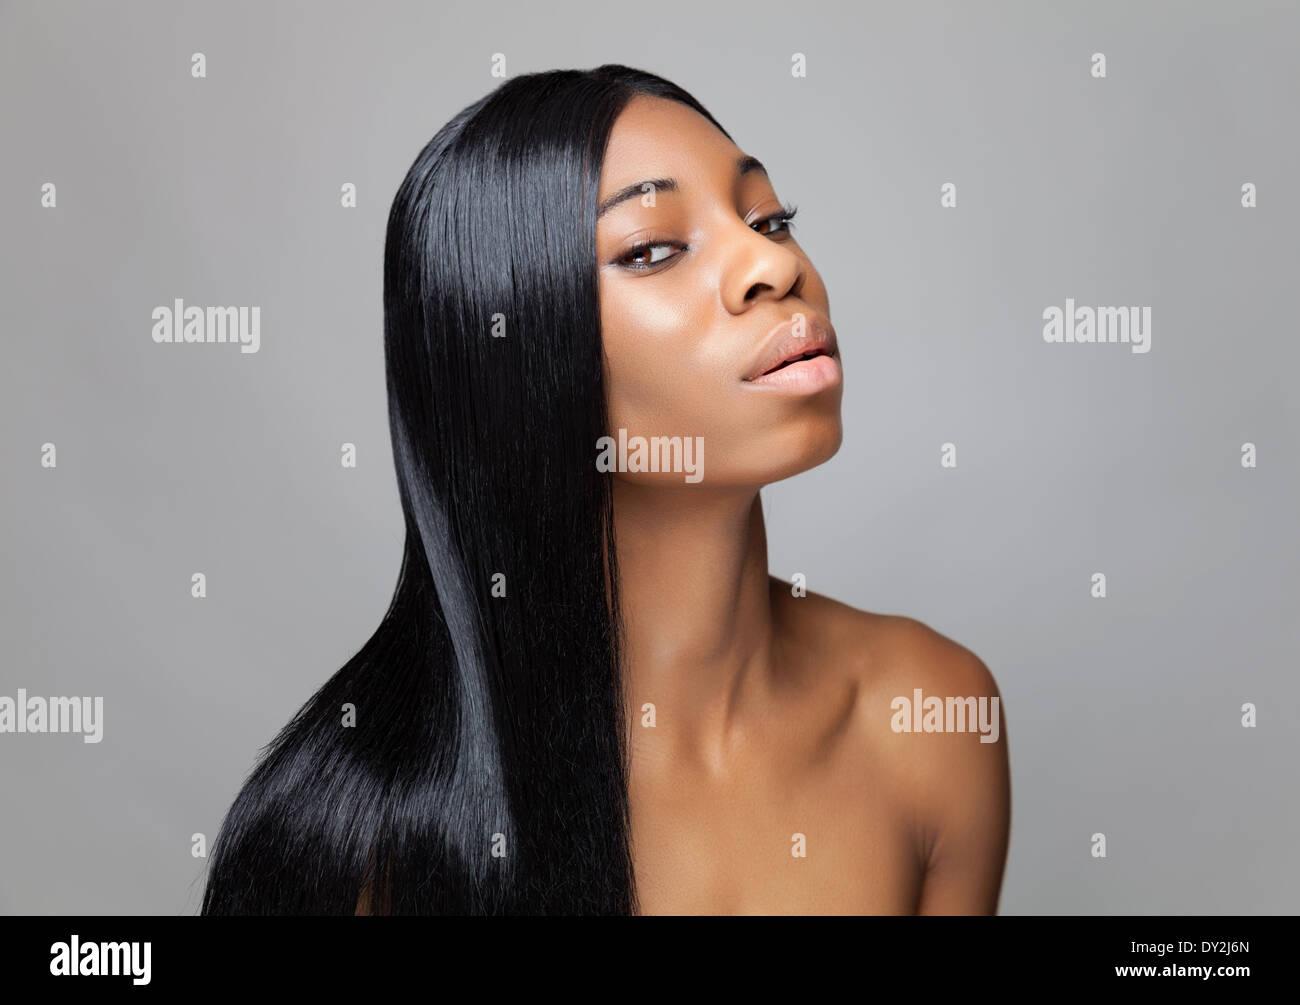 Jeune black beauty avec les cheveux longs Photo Stock